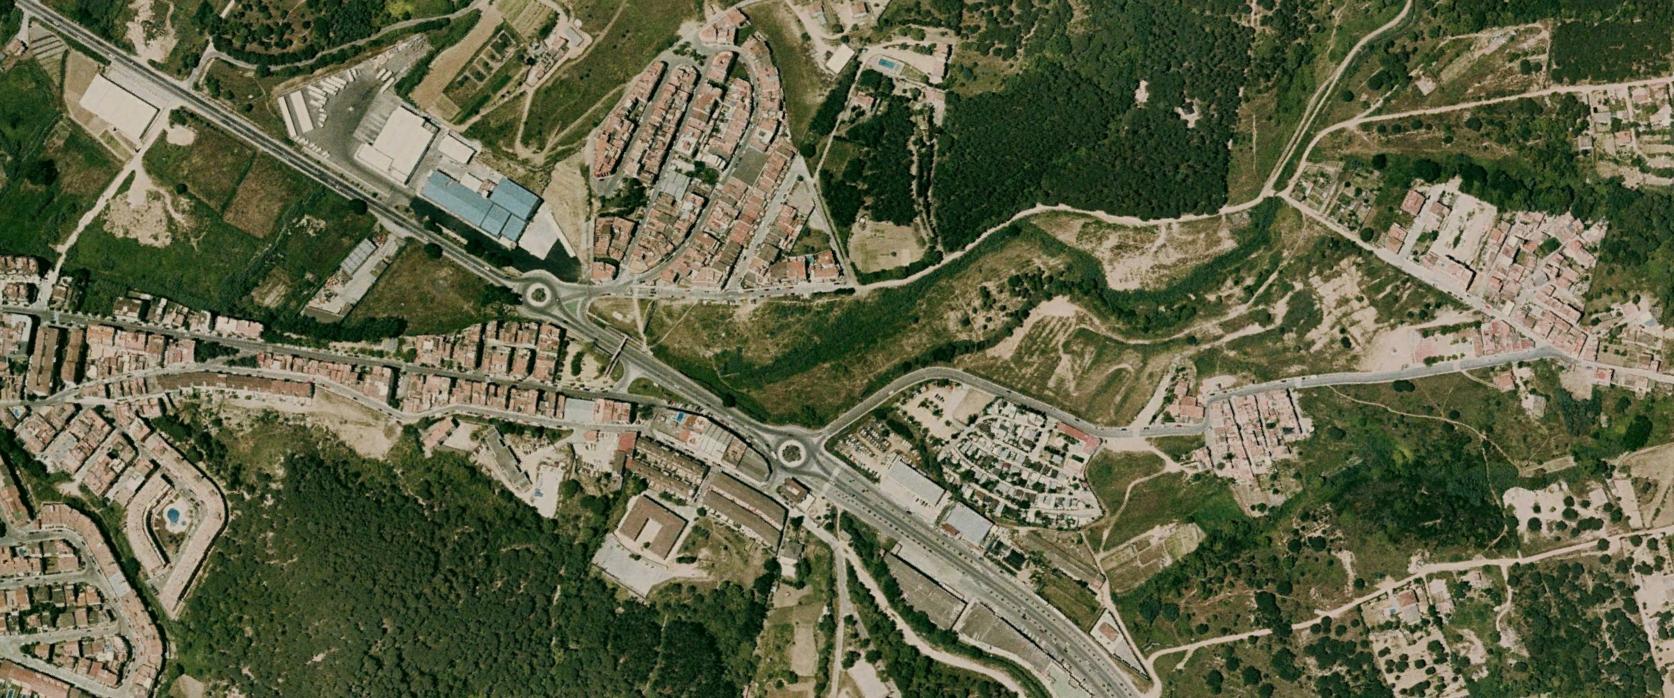 blanes, girona, bcarriles, antes, urbanismo, planeamiento, urbano, desastre, urbanístico, construcción